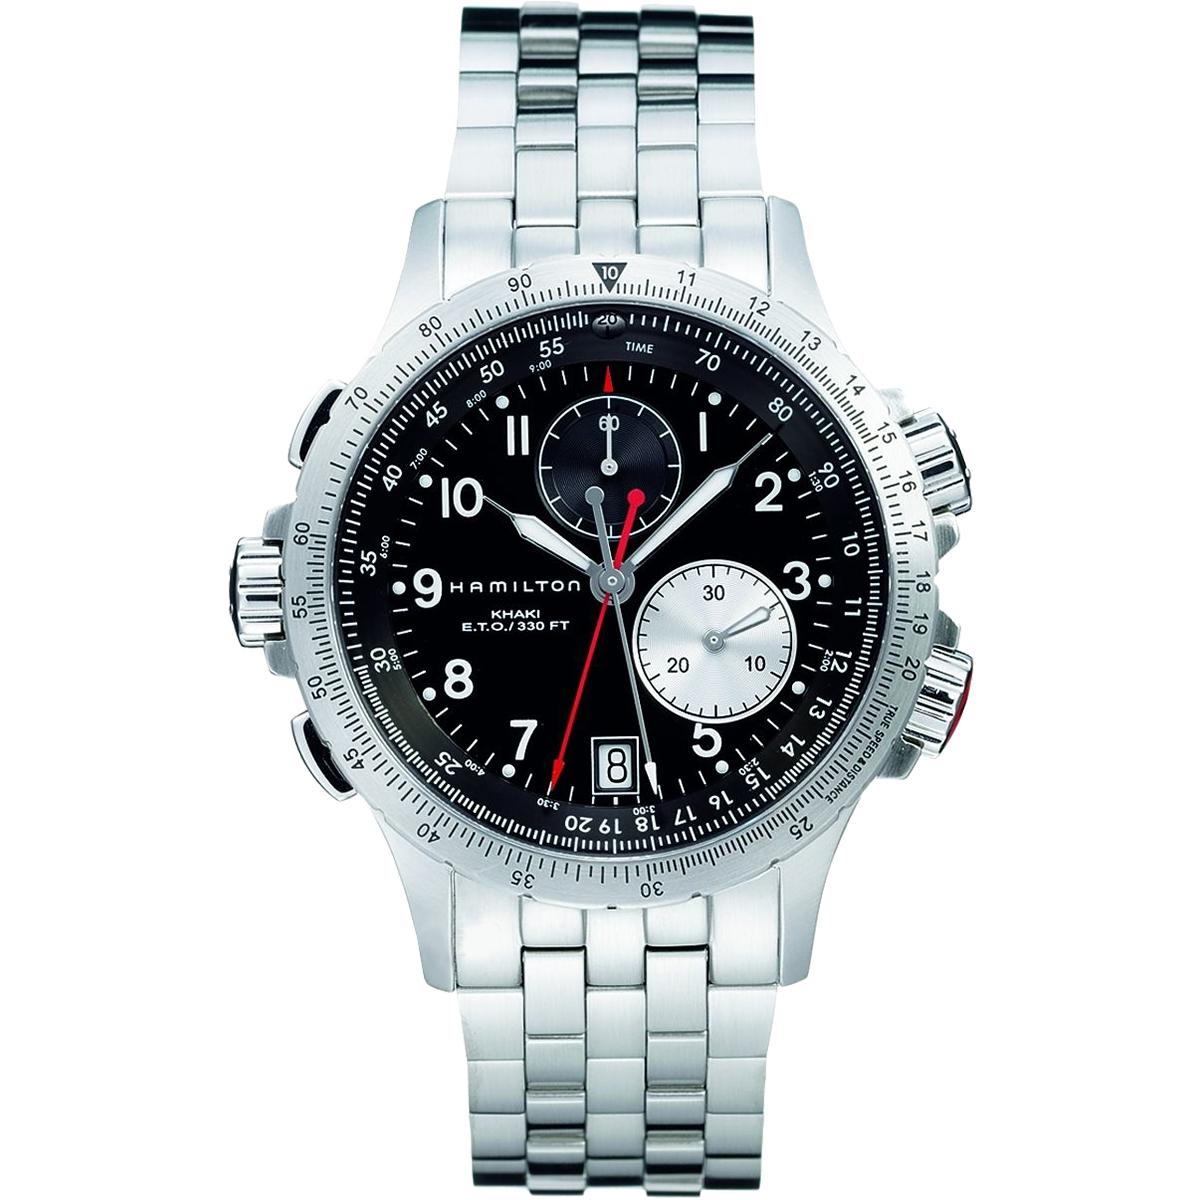 【全品送料無料】 HAMILTON ハミルトン H77612133 メンズ レディース 腕時計 プレゼント おしゃれ